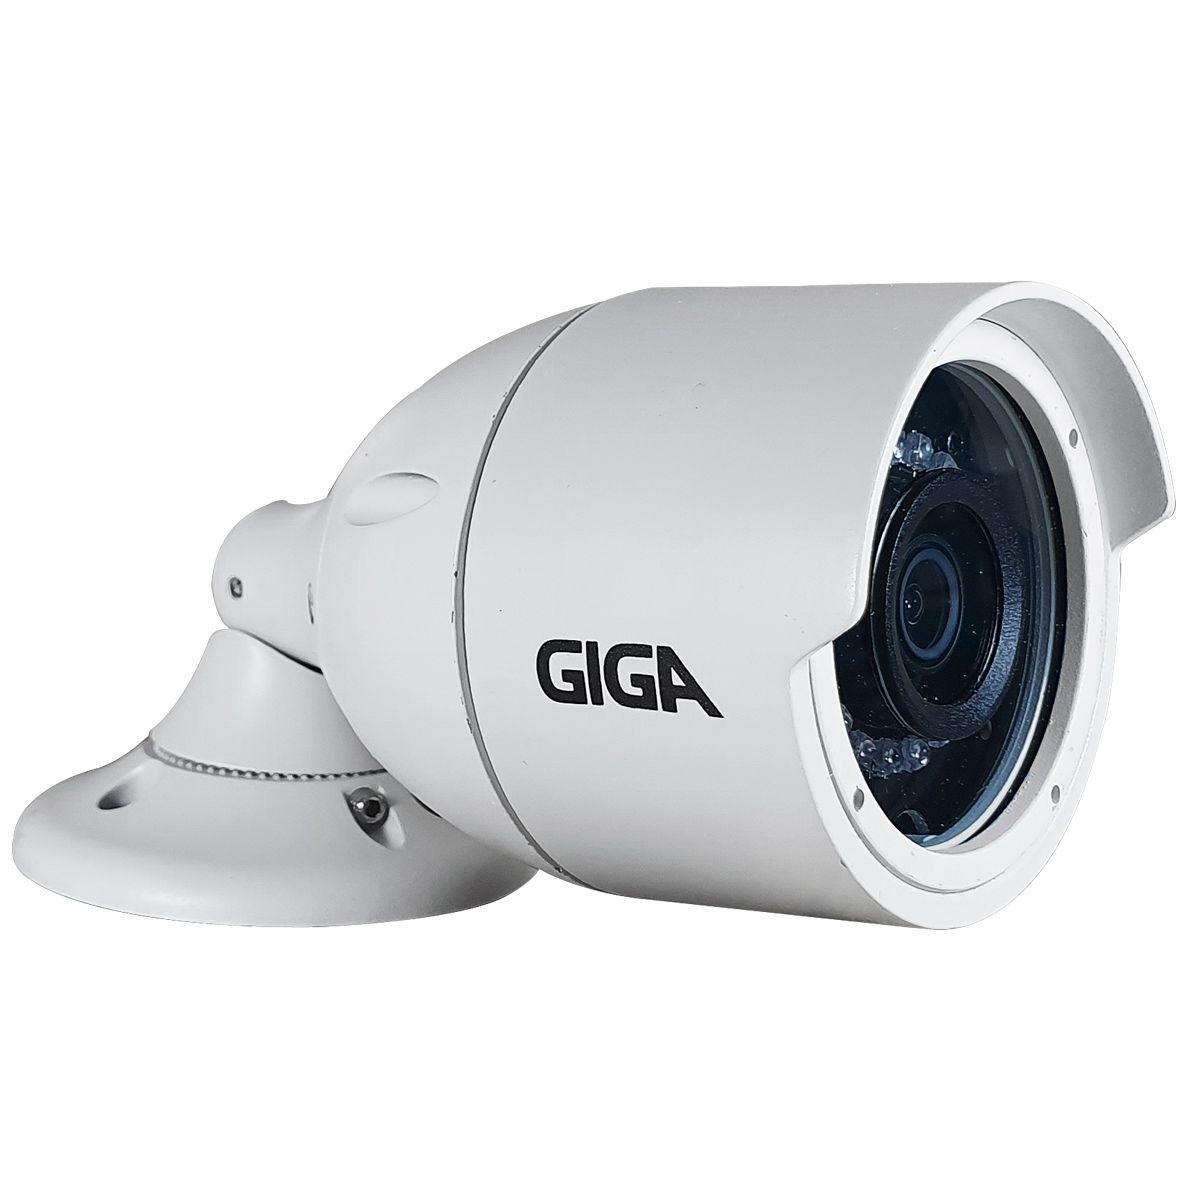 Kit 12 Câmeras Full HD + DVR Giga Security + App Grátis de Monitoramento, Câmeras GS0273 1080p 30m Infravermelho de Visão Noturna + Fonte, Cabos e Acessórios  - Tudo Forte